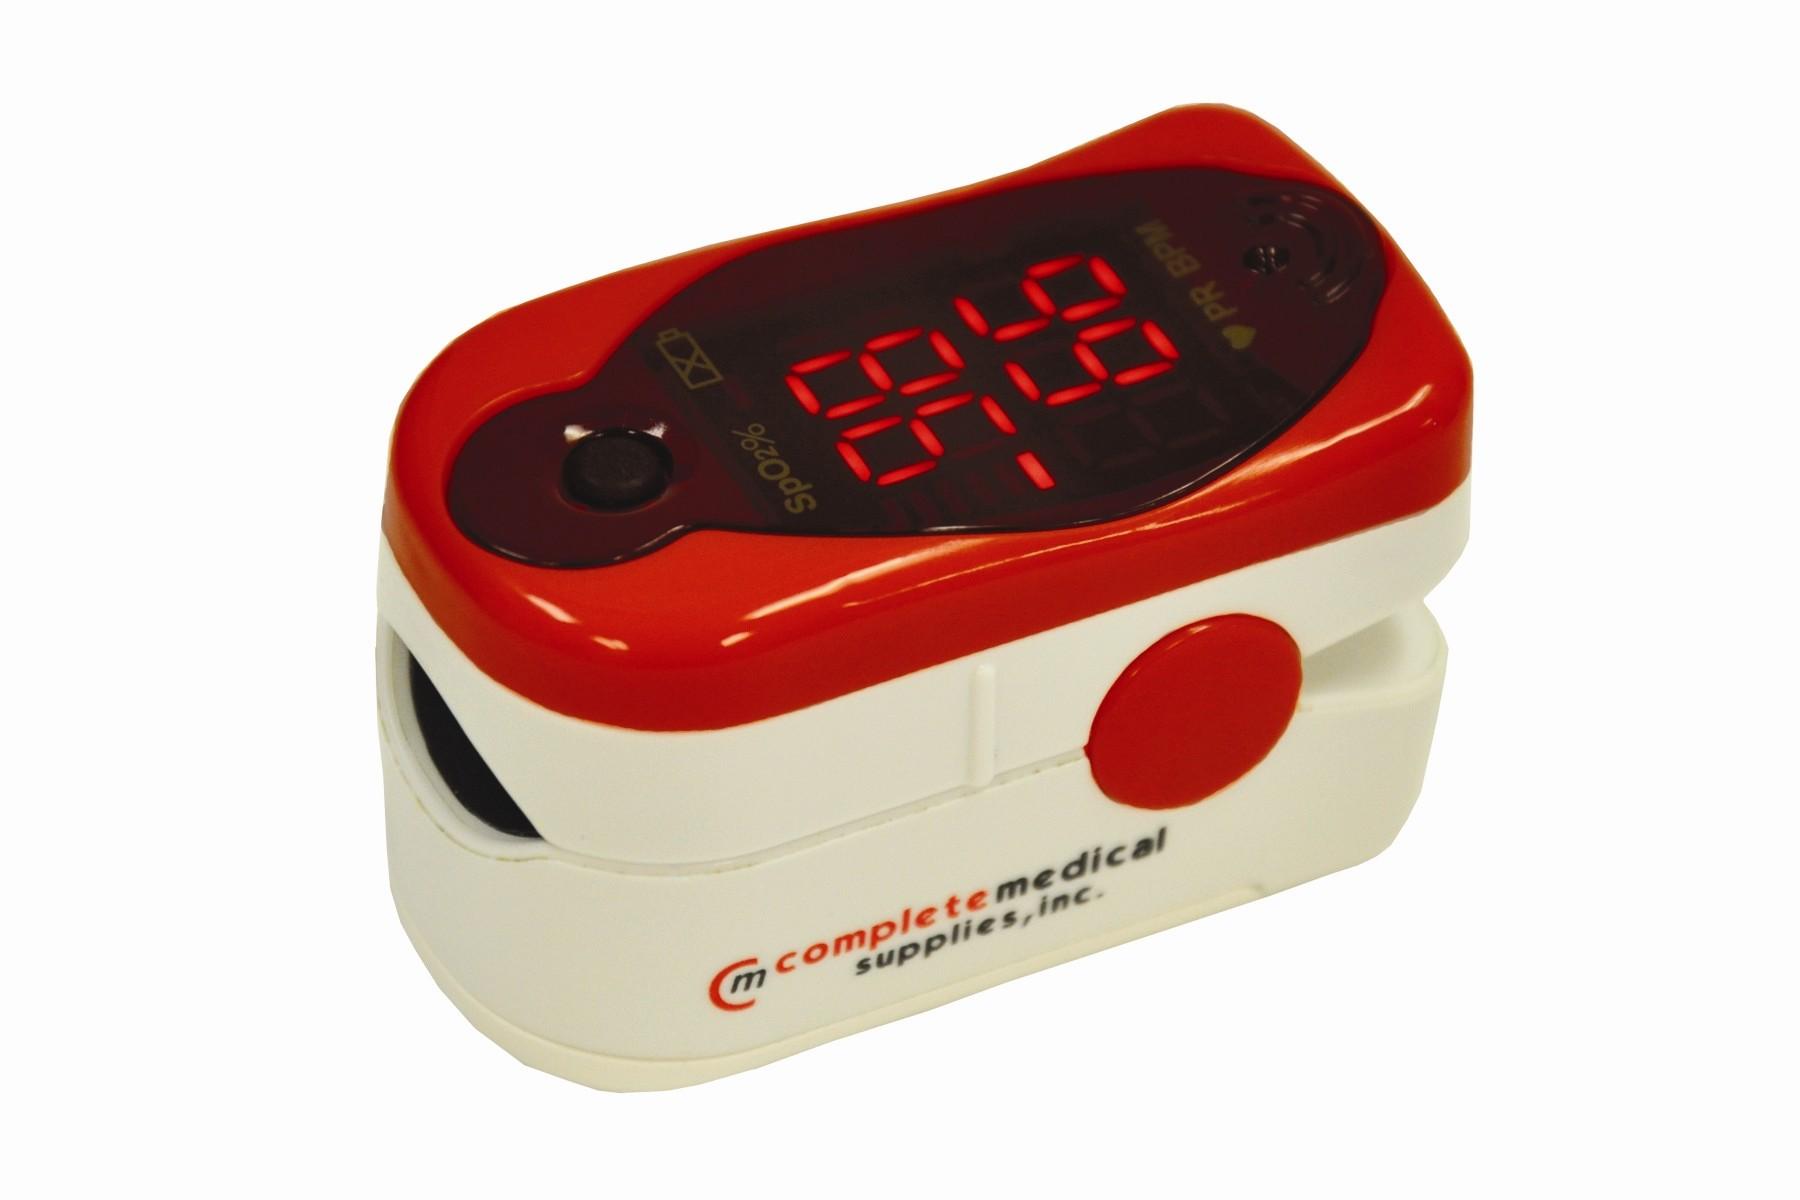 Pulse Oximeter, Comfort Finger Tip  Image